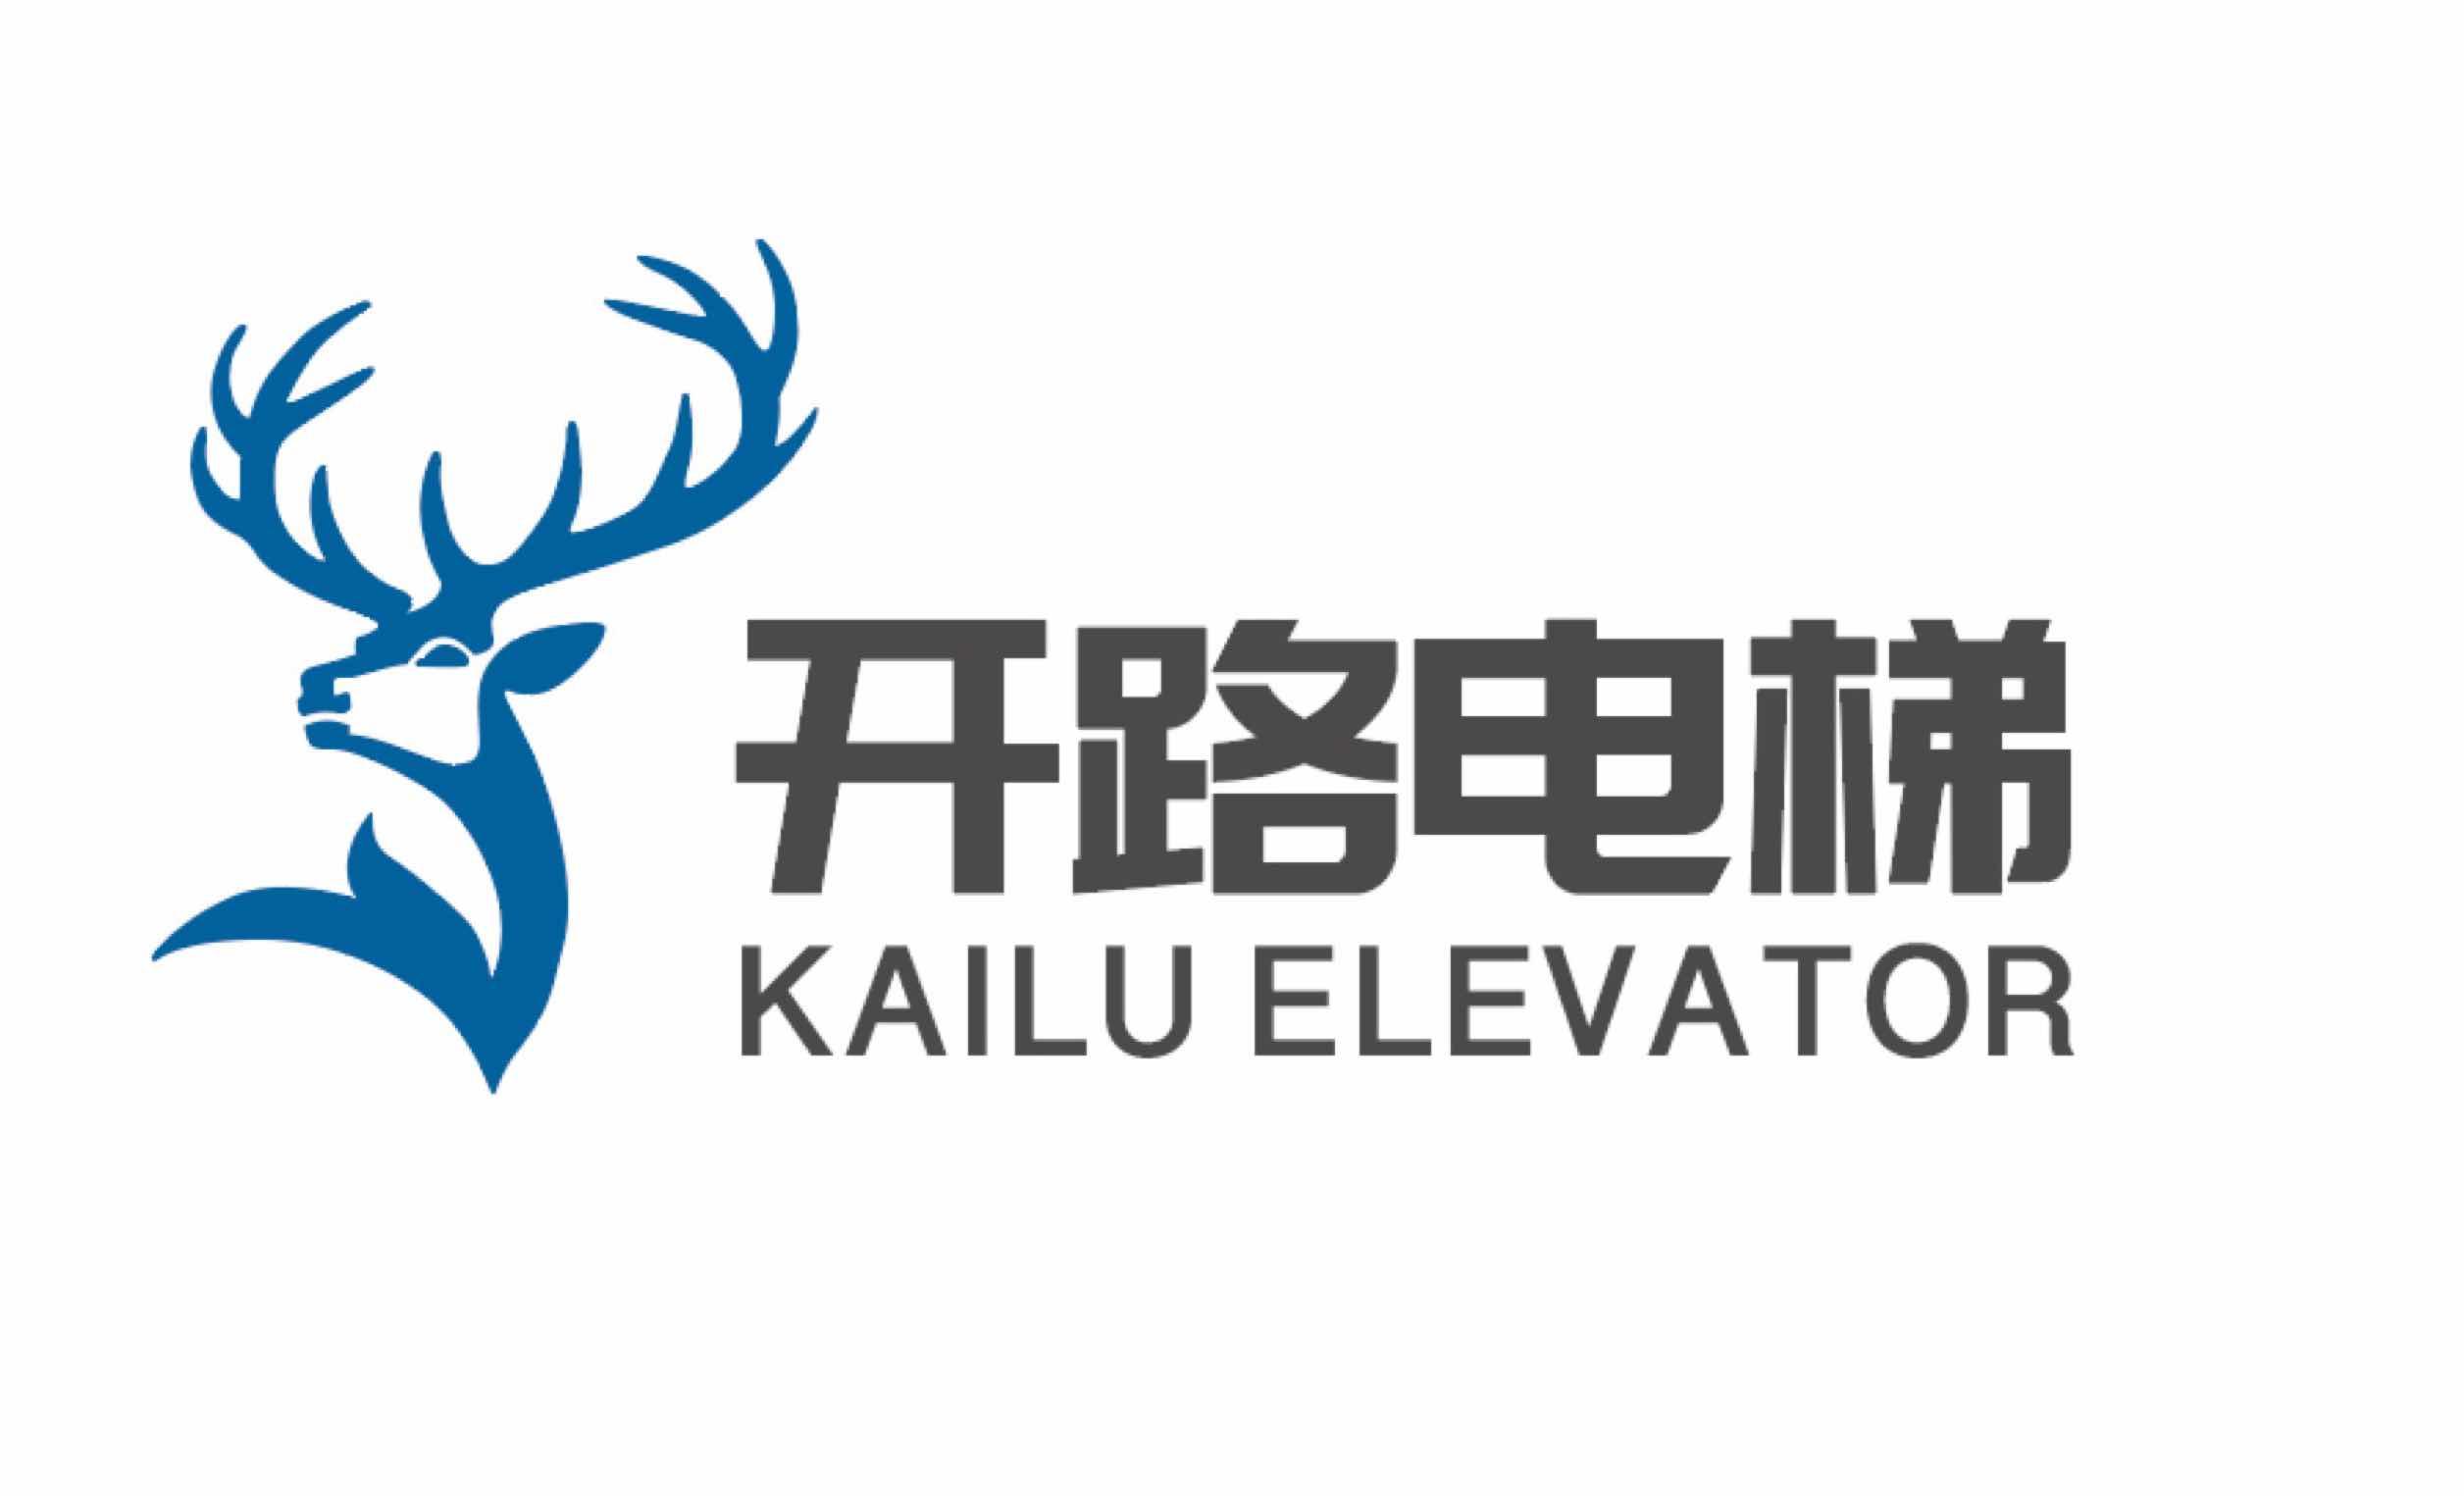 江苏开路电梯有限公司最新招聘信息